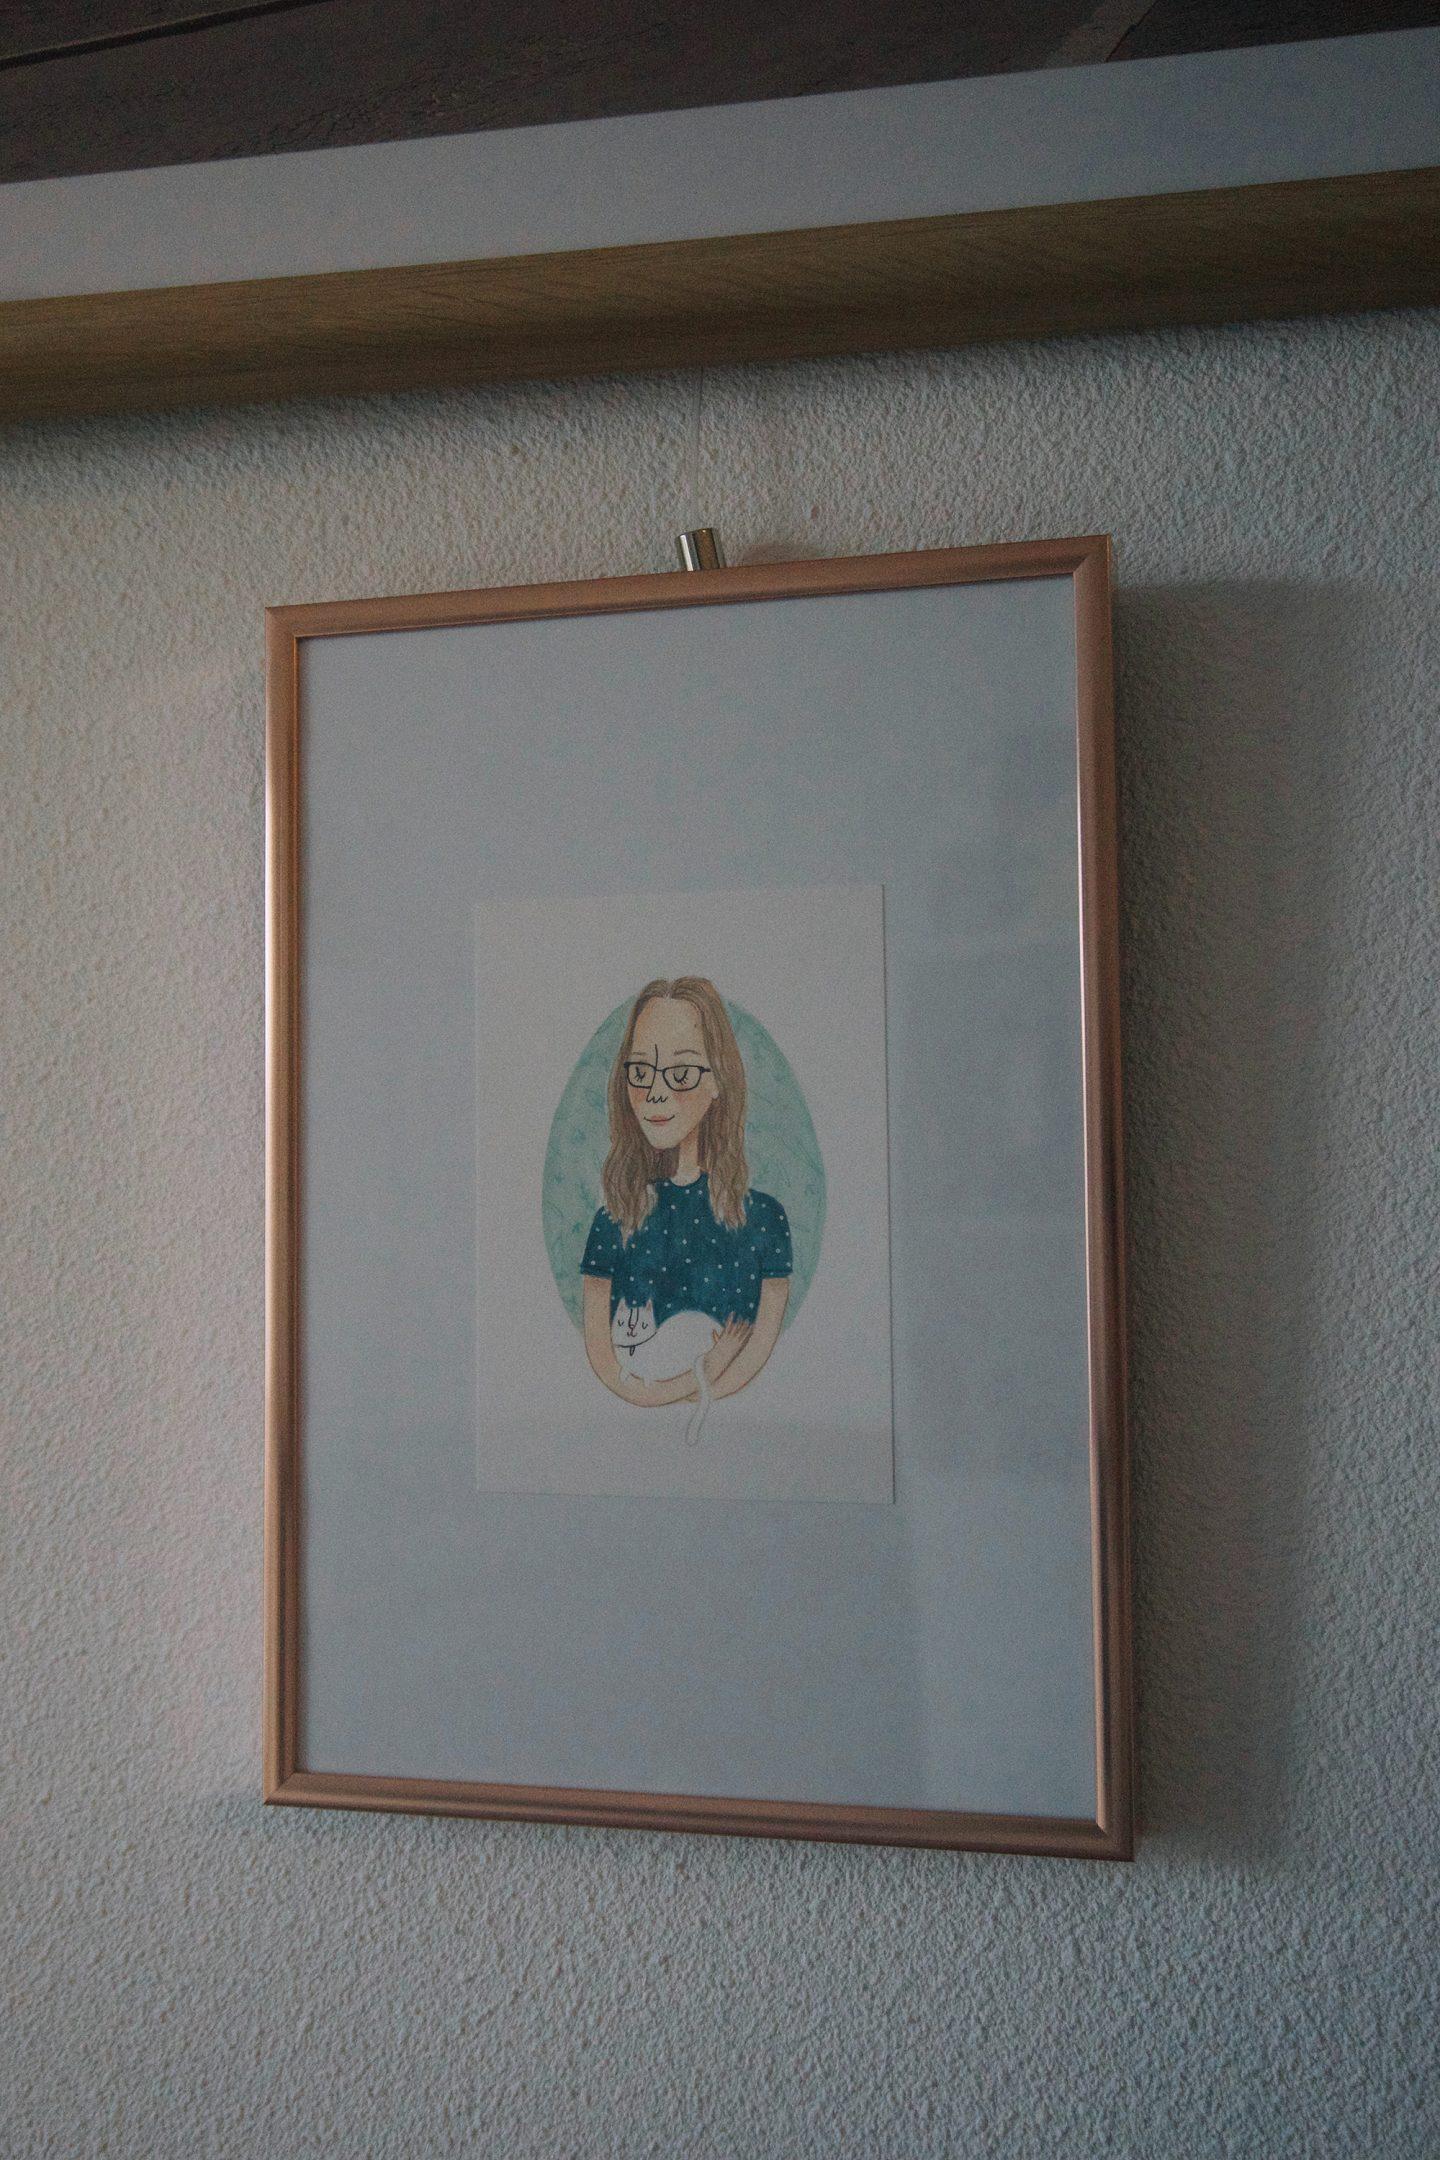 Mijn portretje gemaakt door Studio Silvana